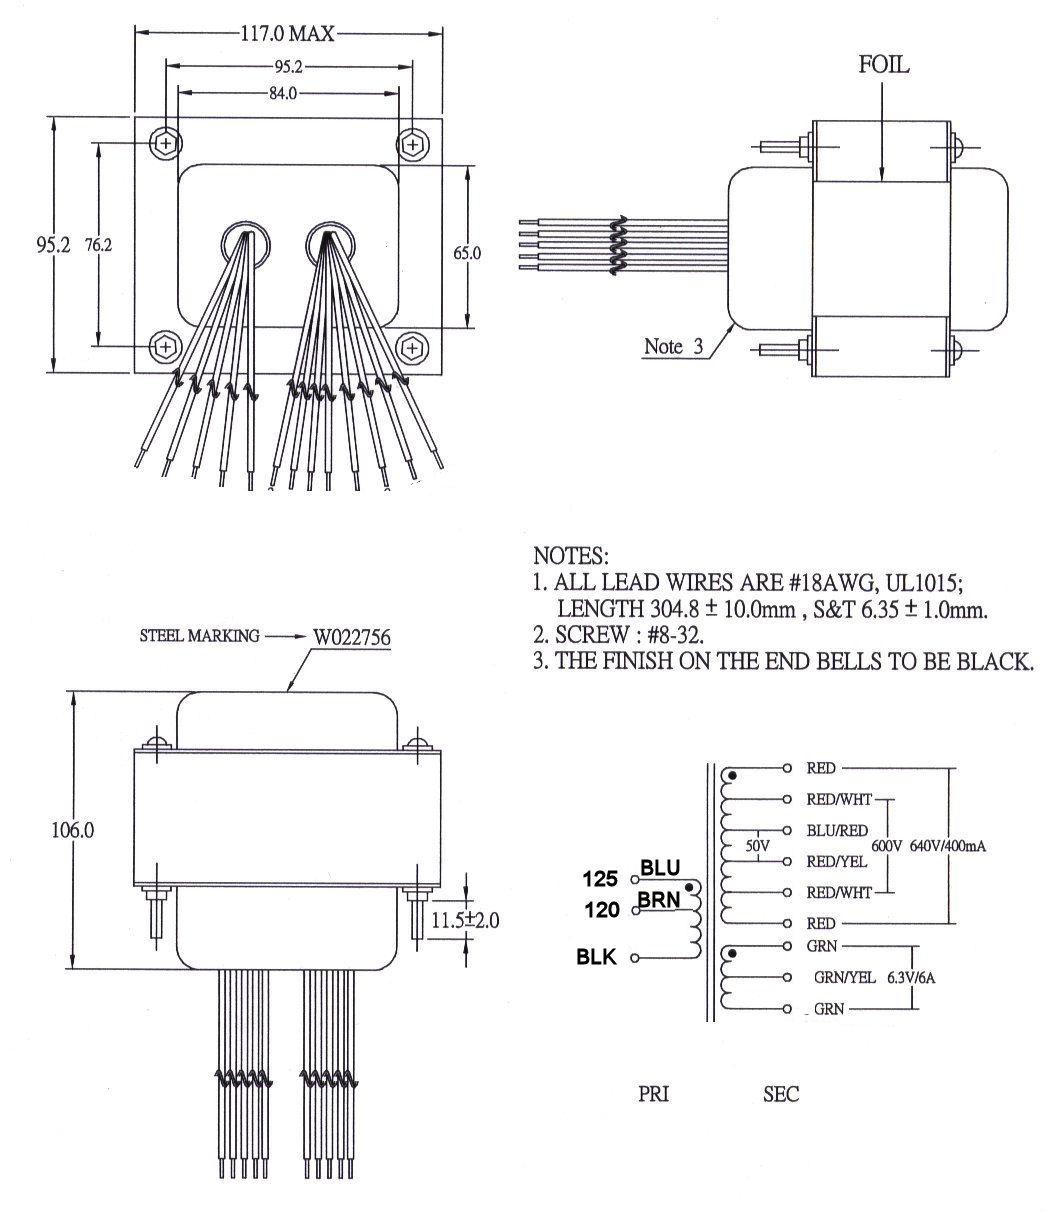 W022756 Transformer